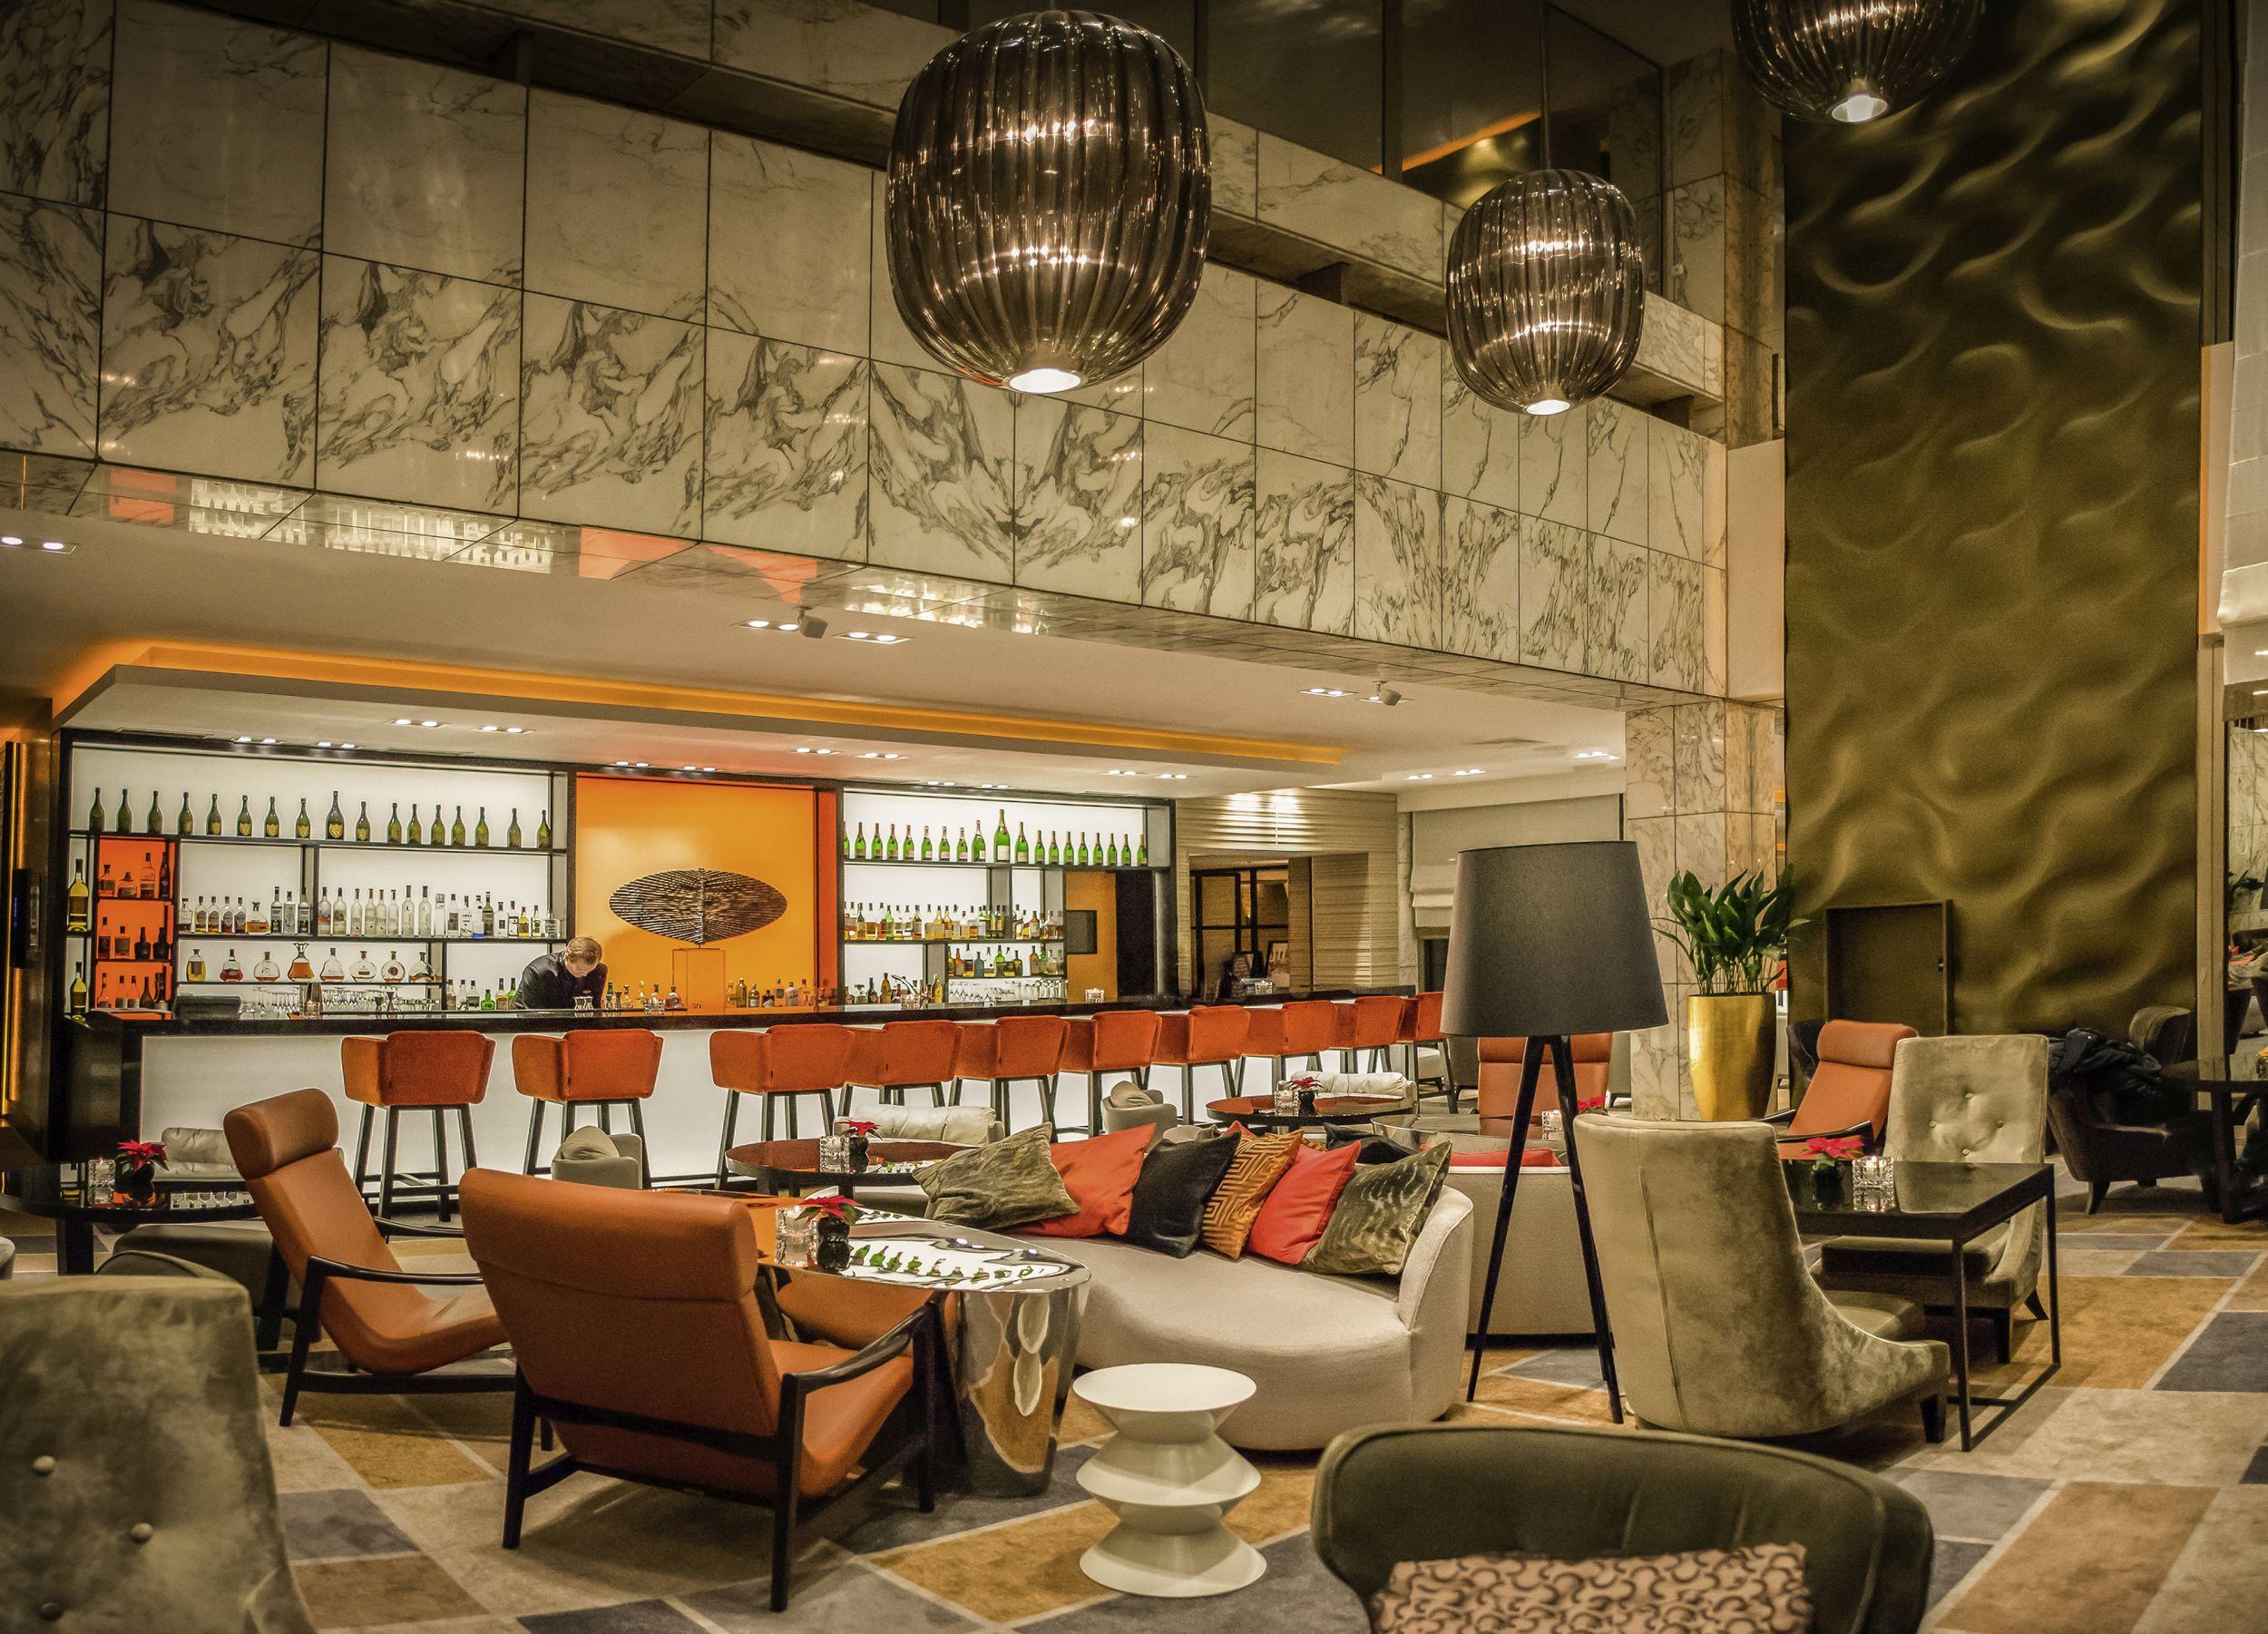 Victoria Lounge (fot. John Bour / johnbour.net)